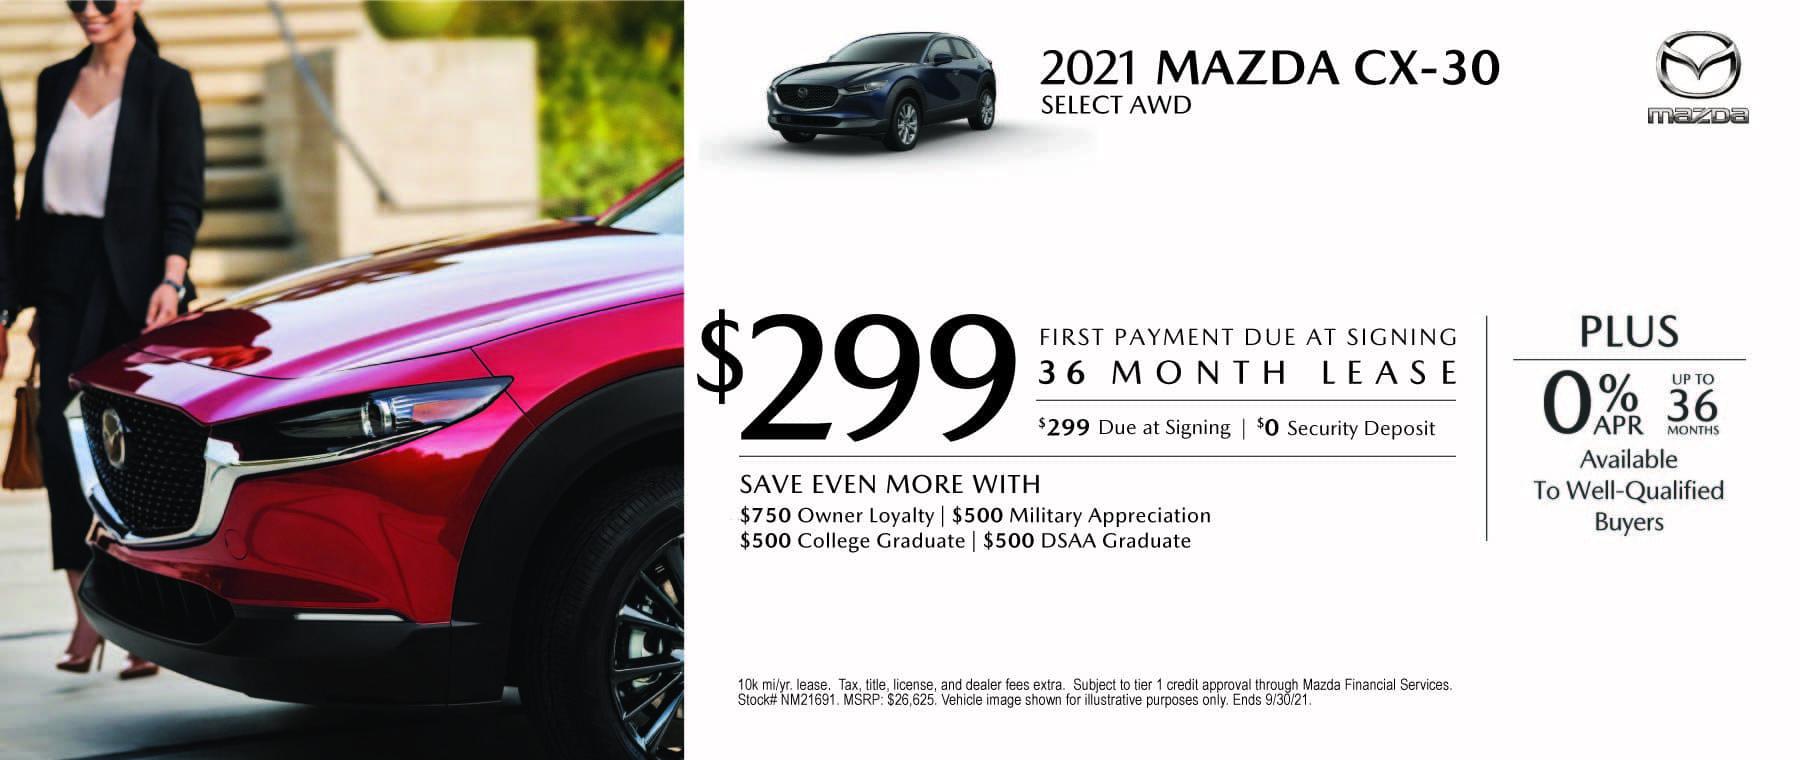 September-2021-Mazda-CS-Slides_Mazda-CX-30-0-Down